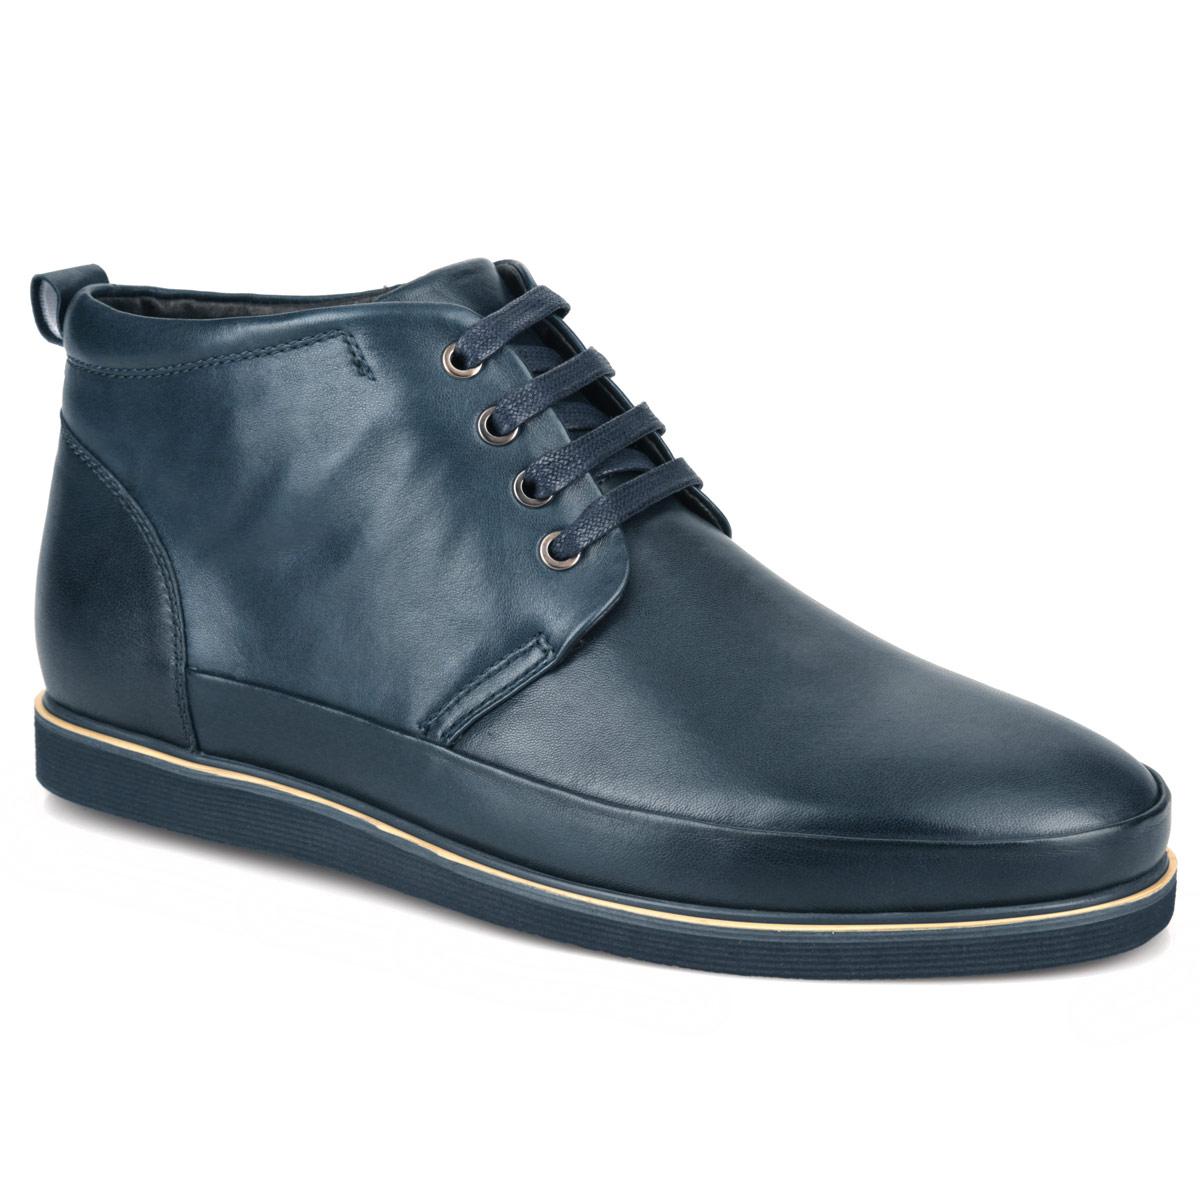 Ботинки мужские. M21132M21132Стильные мужские ботинки от Vitacci отличный вариант на каждый день. Модель выполнена из натуральной кожи. Подкладка из мягкого ворсина защитит ноги от холода и обеспечит комфорт. Классическая шнуровка надежно фиксирует модель на ноге. Задник изделия украшен наружным ярлычком. Ботинки застегиваются на молнию, расположенную на одной из боковых сторон.Подошва с логотипом Vitacci из термополиуретана с рельефным протектором обеспечивает отличное сцепление на любой поверхности. В этих ботинках вашим ногам будет комфортно и уютно. Они подчеркнут ваш стиль и индивидуальность.